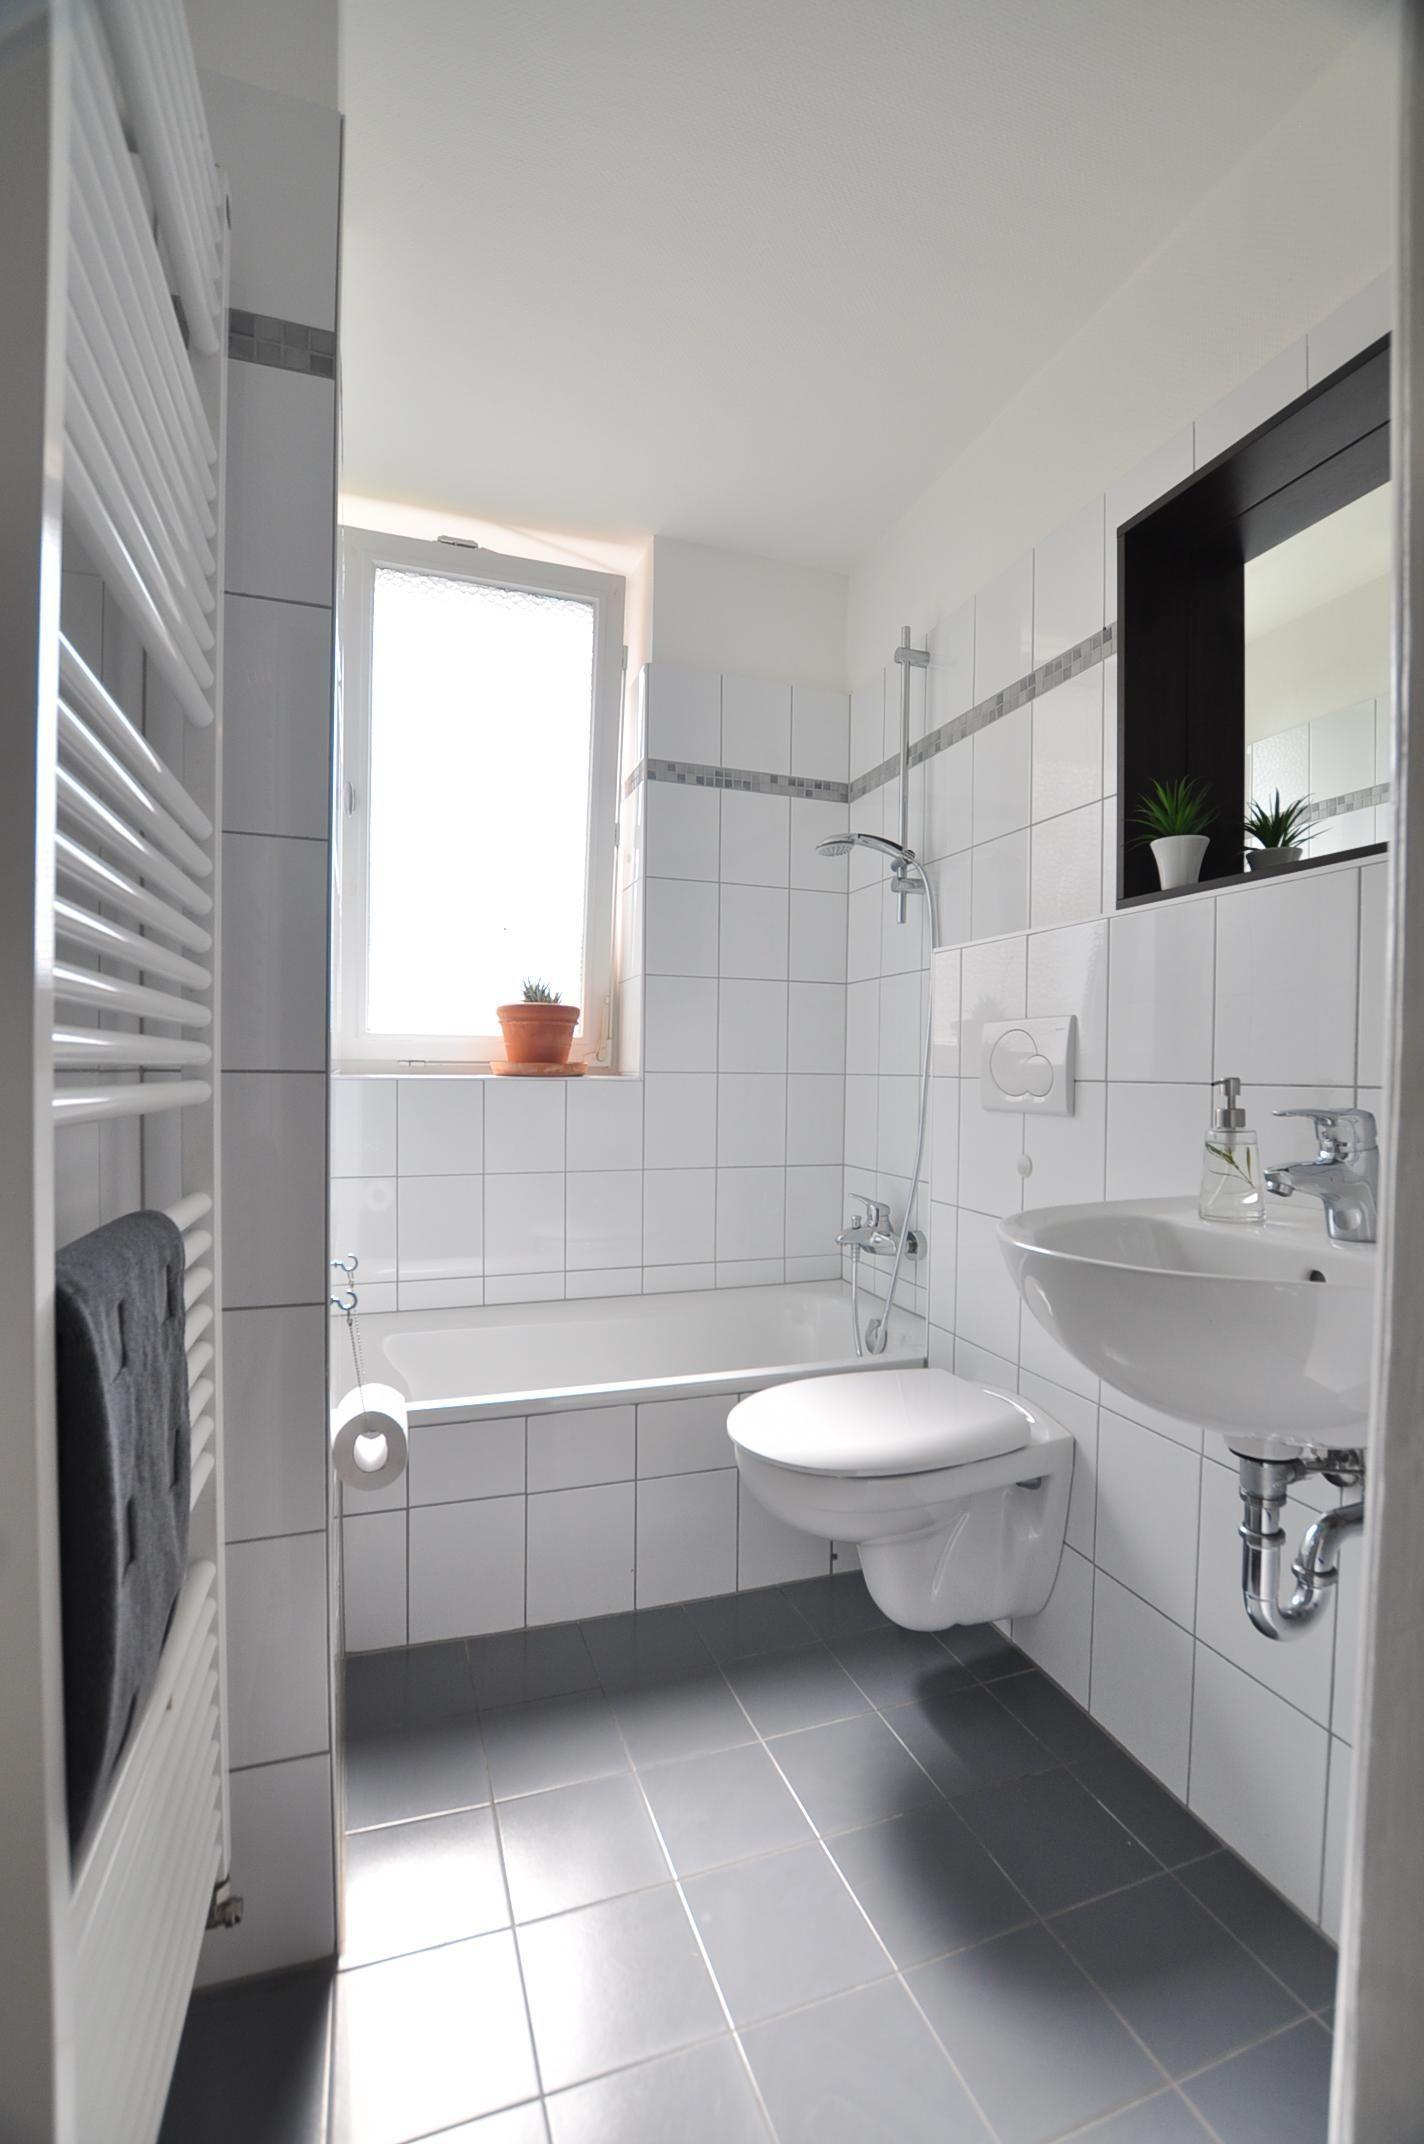 Ding Alles Badezimmer Weisse Fliesen Ideen Inspirations Und Dekorationsideen Badezimmerschrank Bathroom Vanity Vanity Bathroom